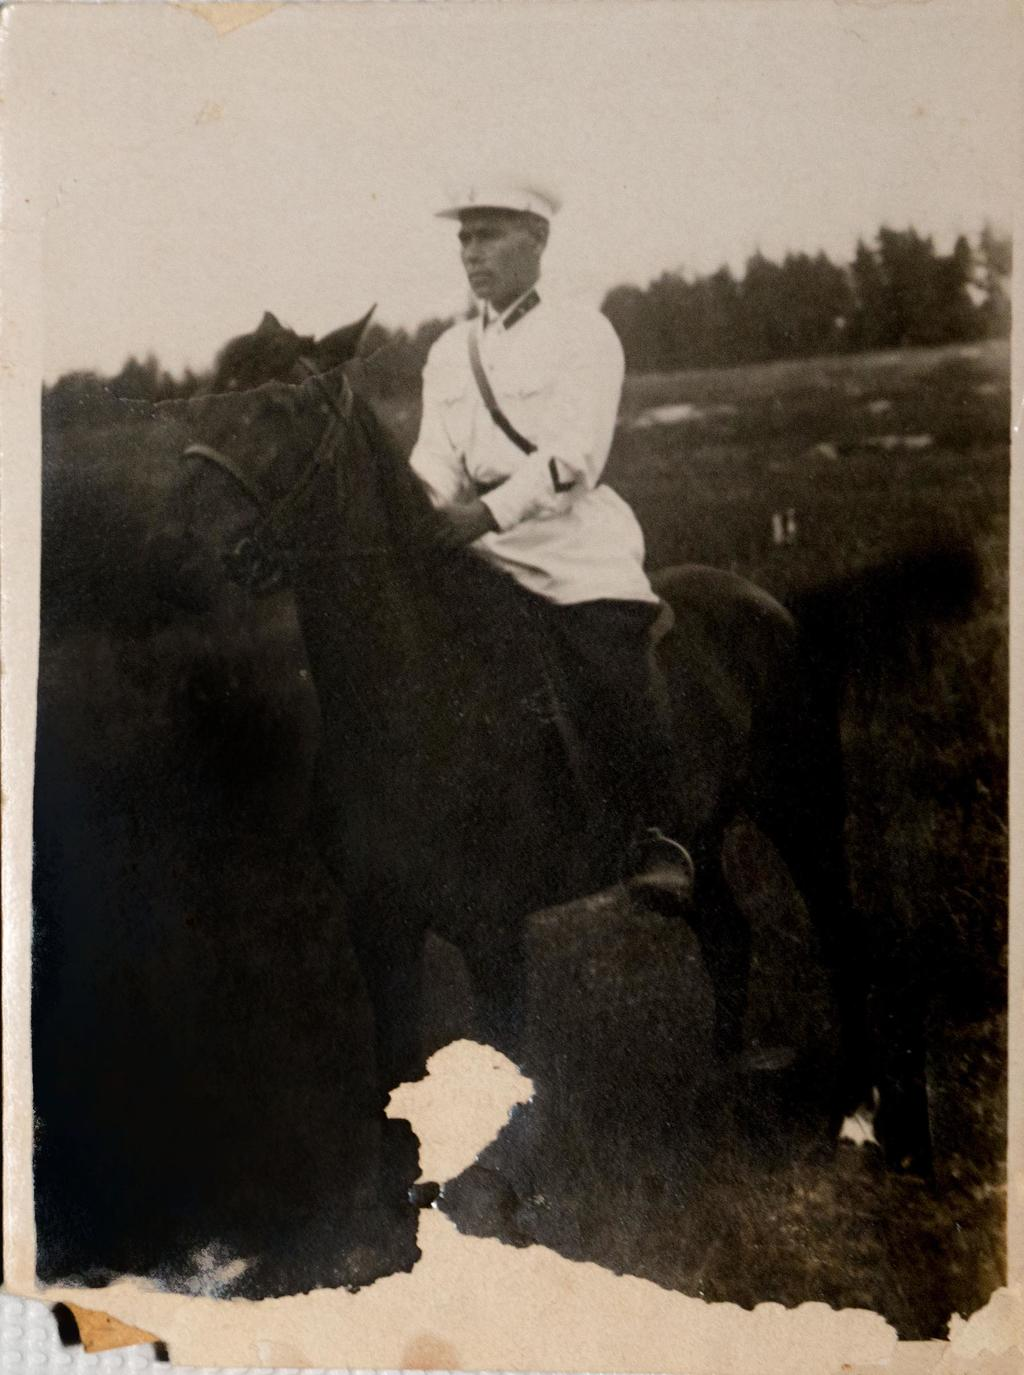 Фото, Б.Юсупов 1939г.   Фотобумага.  АКМ. КП - 198/4  размер 11,9*8,9 Акт № 99-103 1995г. ©Tatfrontu.ru Photo Archive